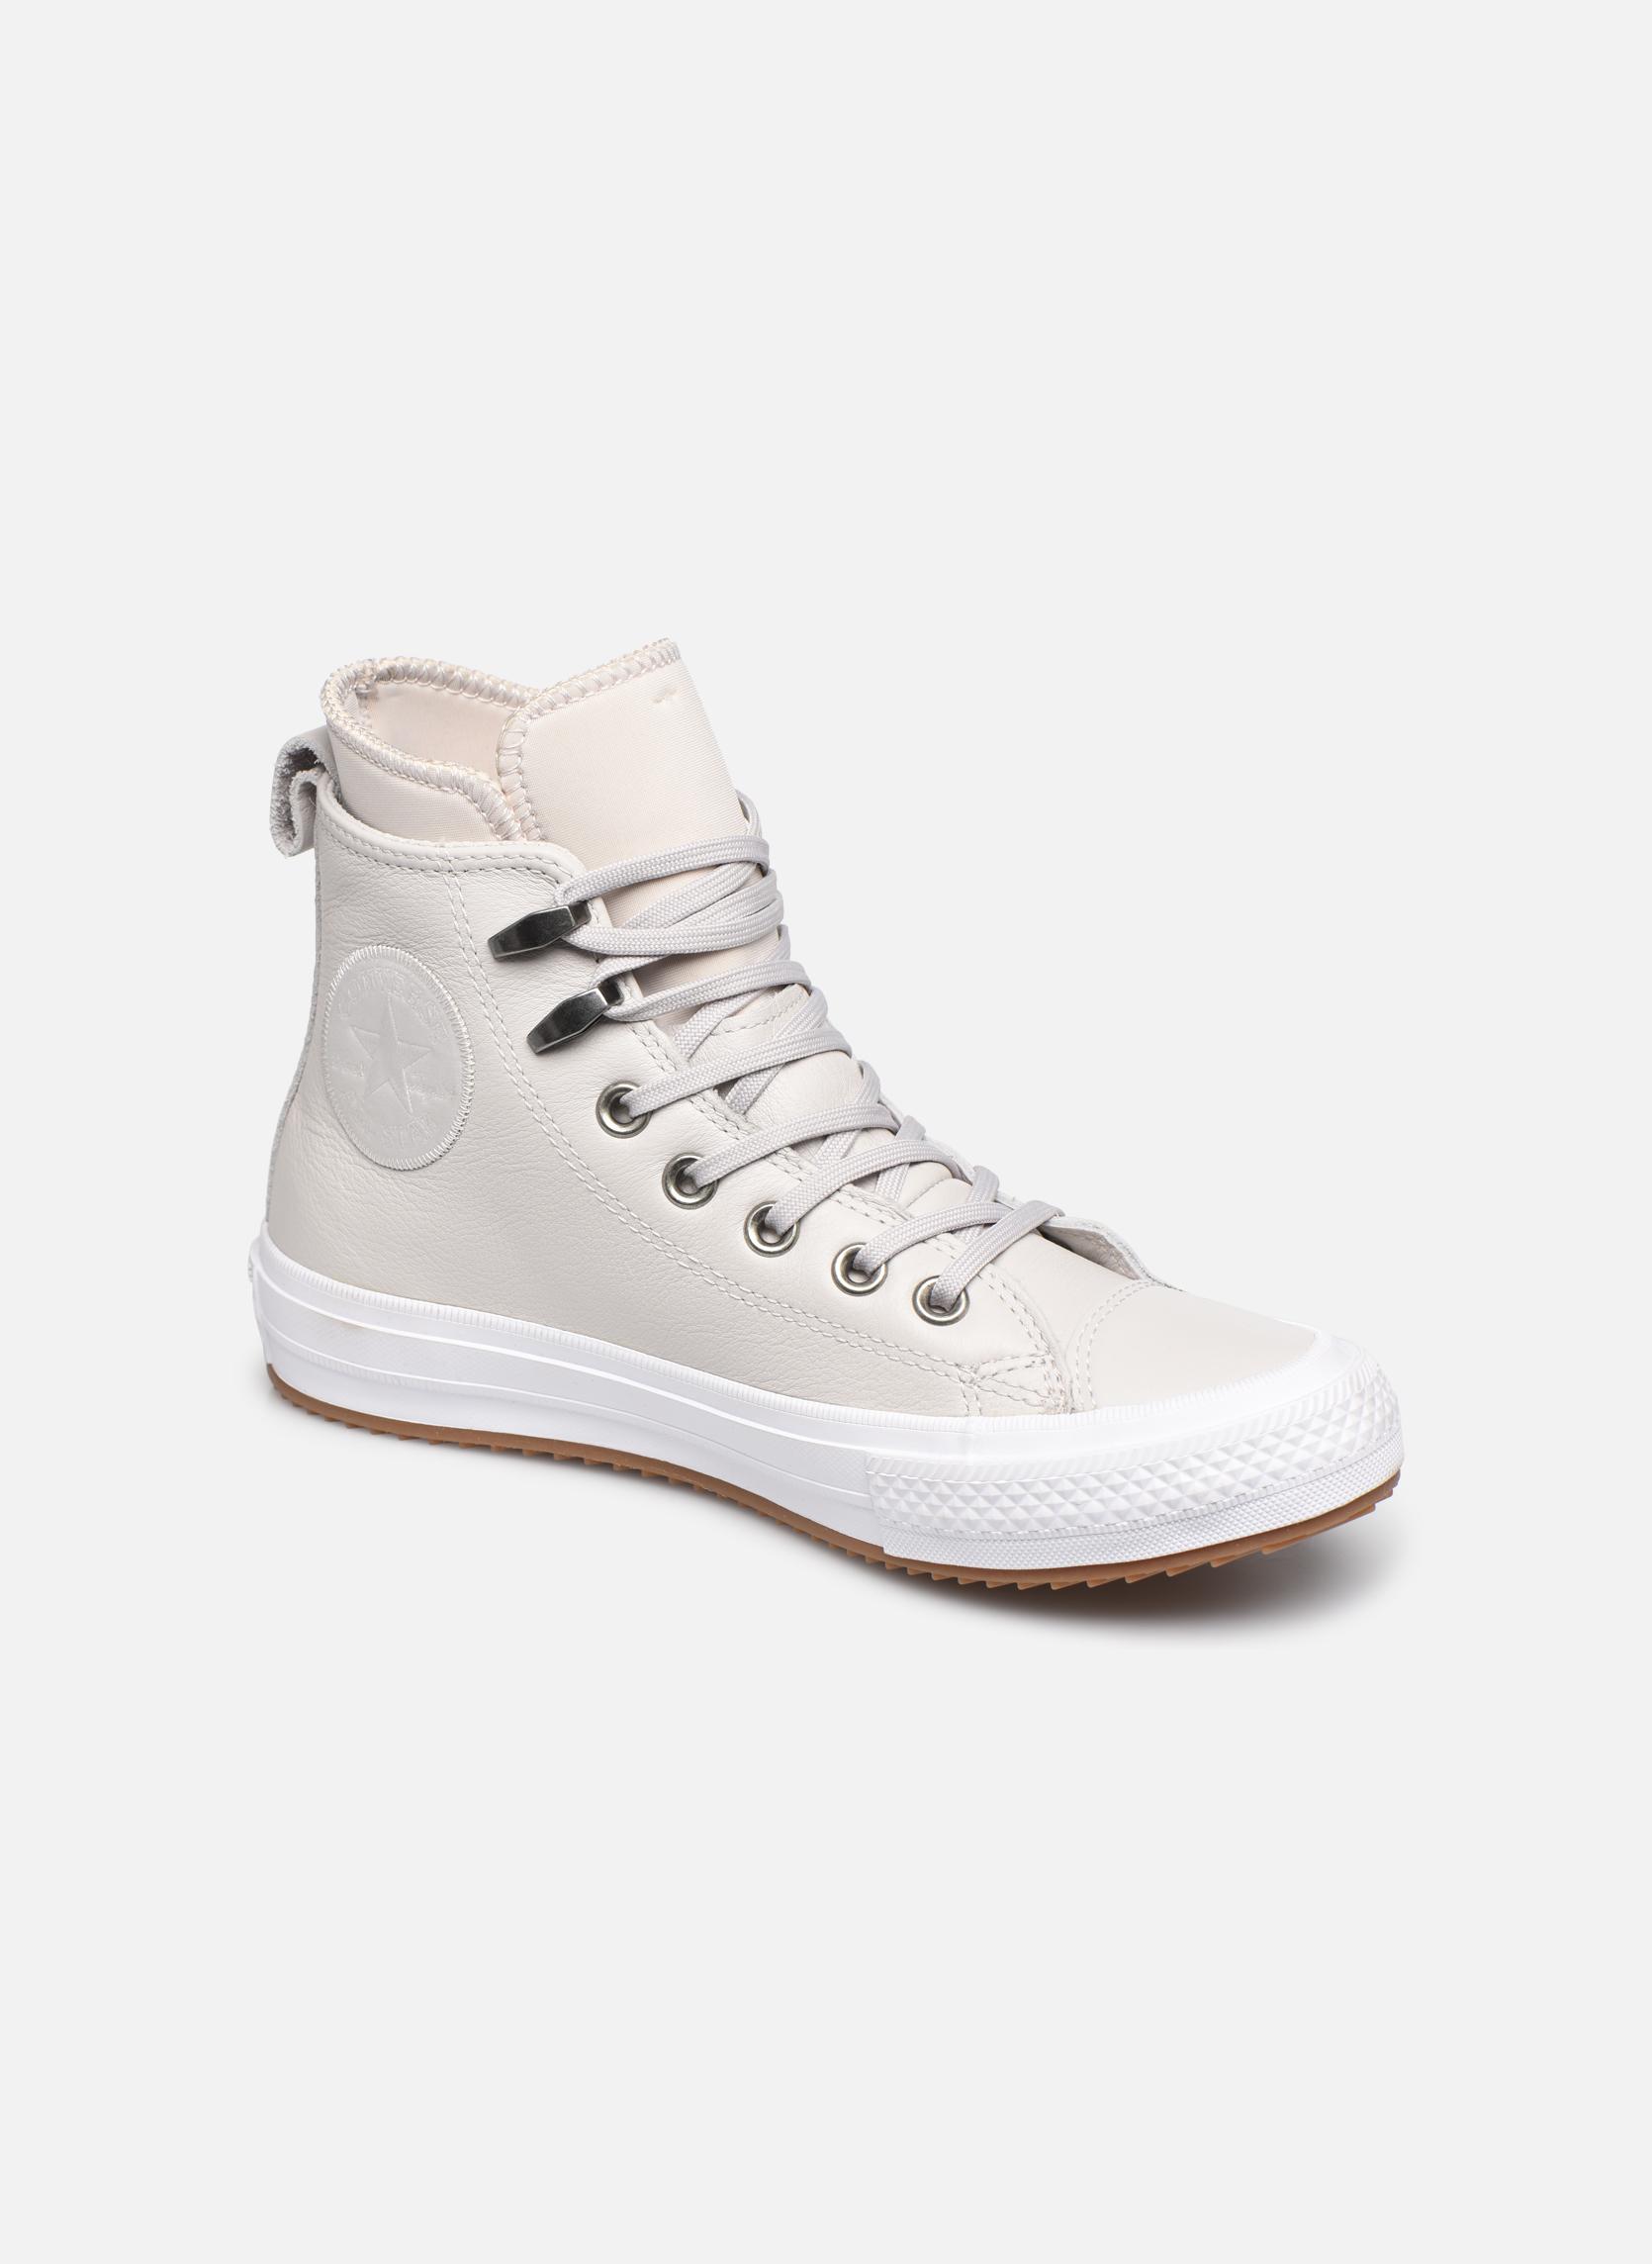 Los últimos zapatos de descuento  para hombres y mujeres  descuento Converse Chuck Taylor WP Boot WP Leather Hi (Gris) - Deportivas en Más cómodo 2296dc